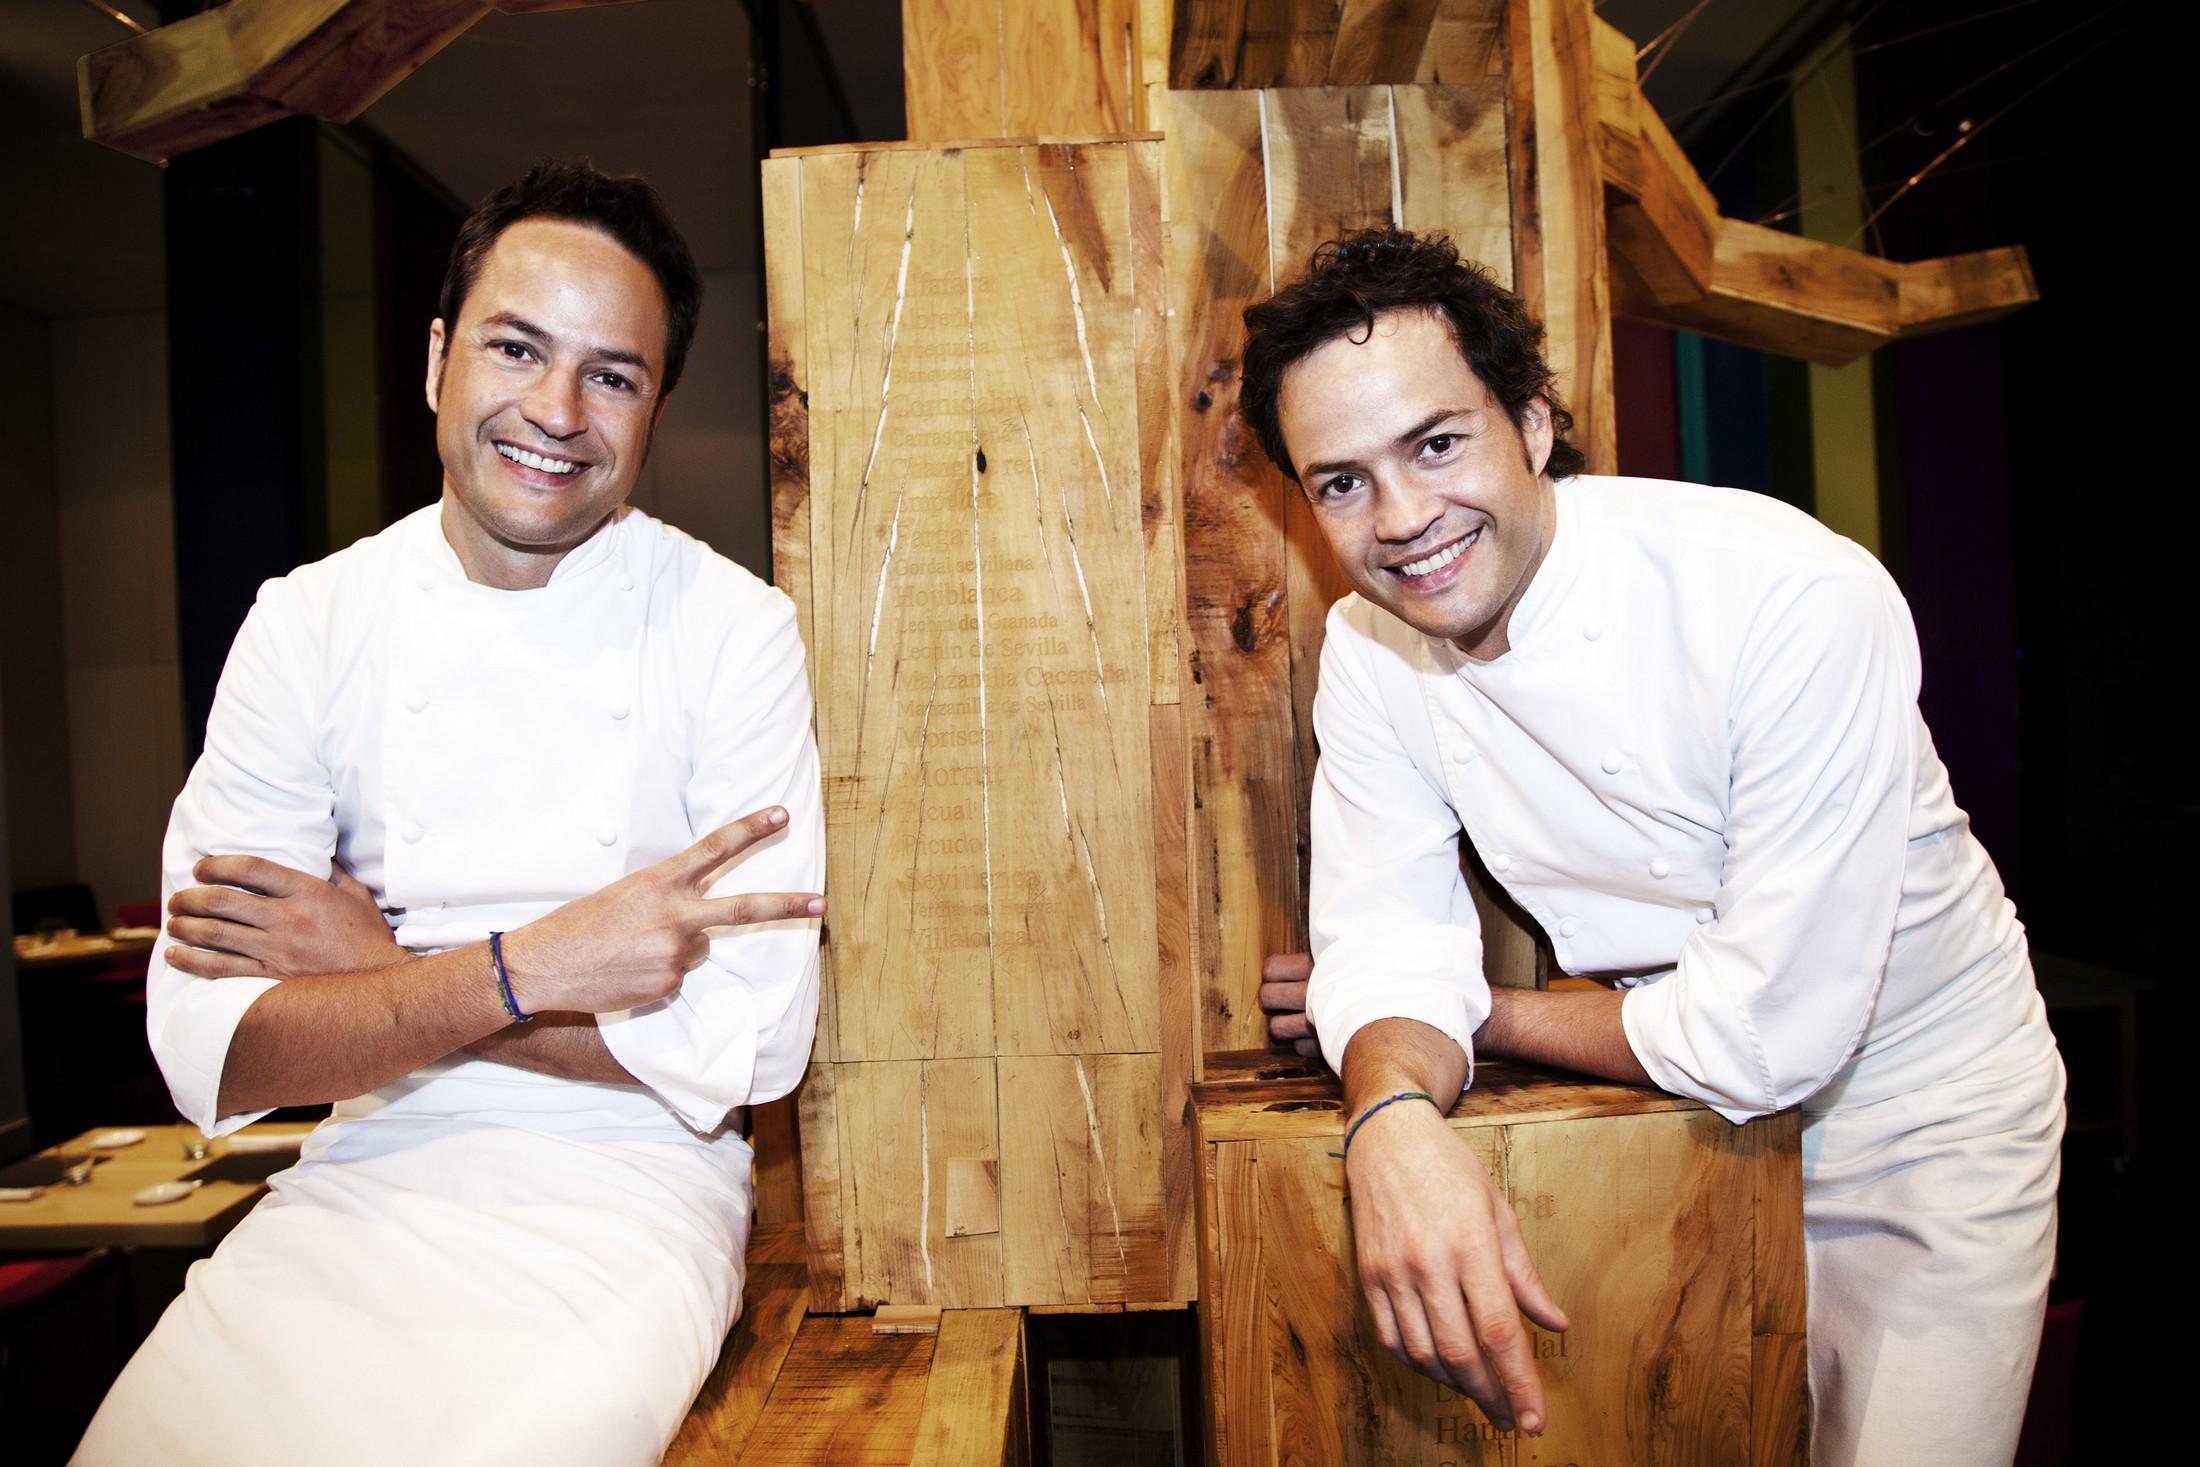 Cocinados nuevo programa de cocina en tve blog de for Cocina hermanos torres